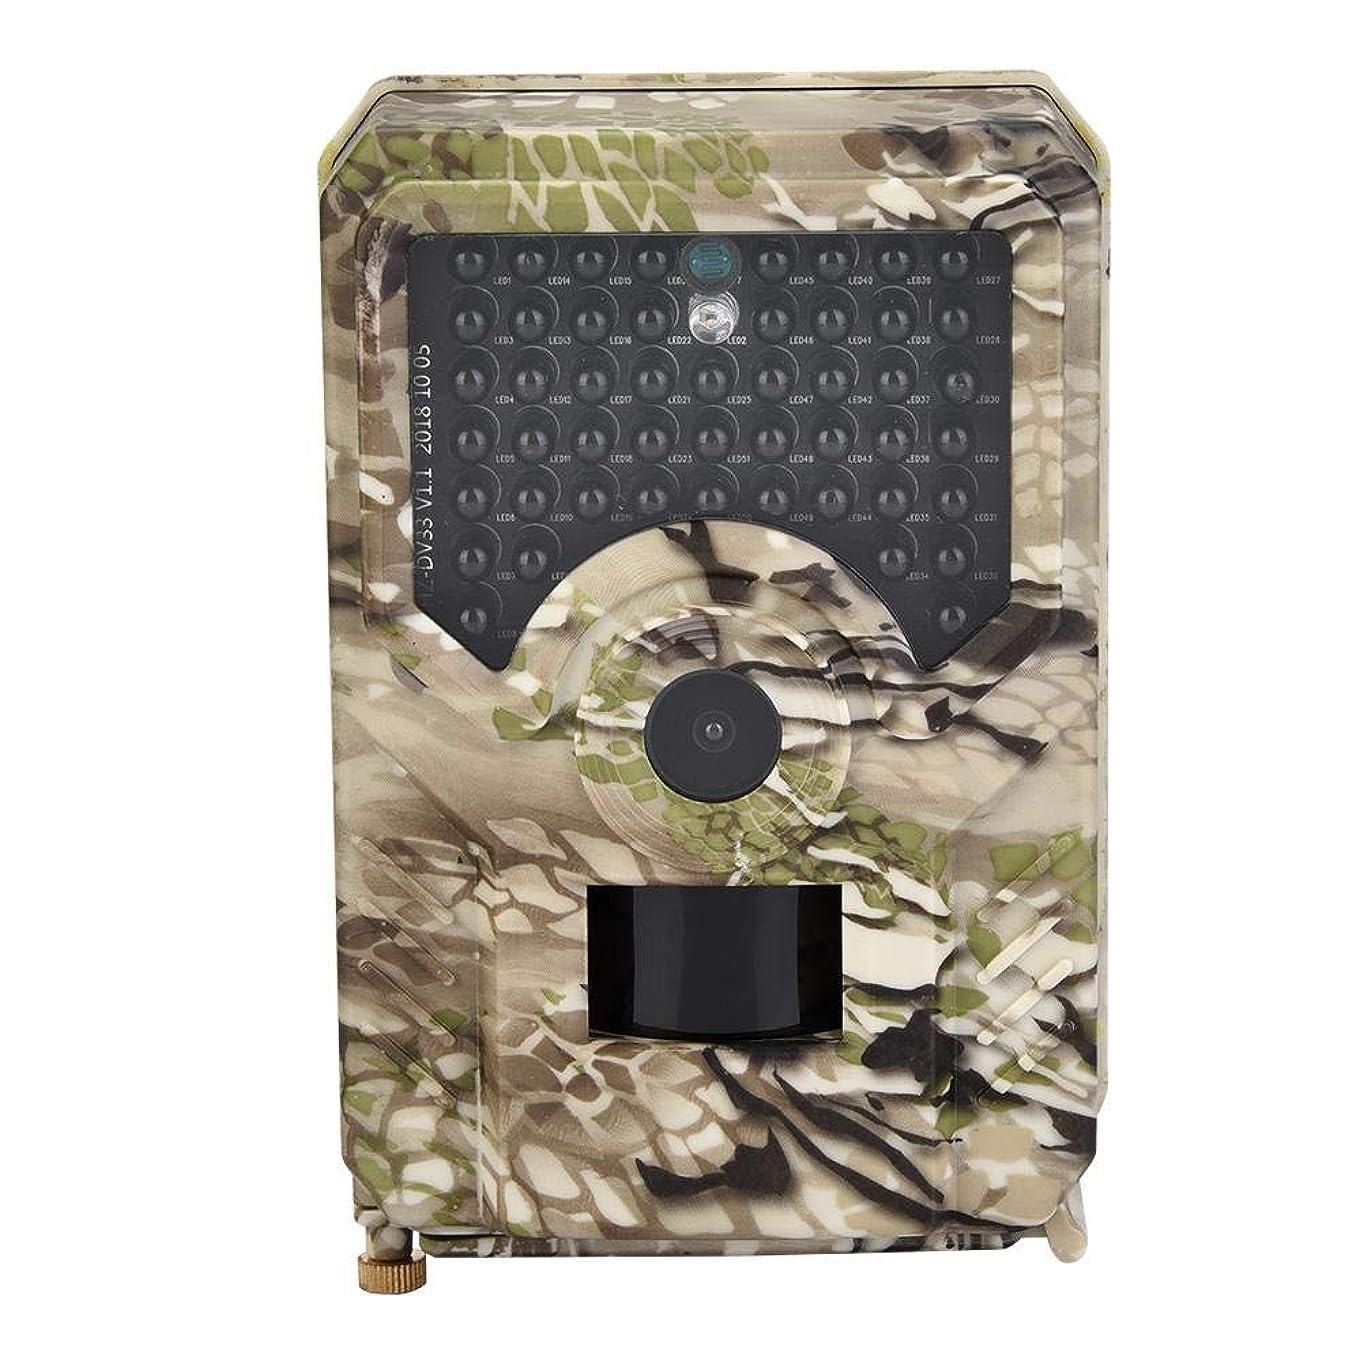 適応的殺すラメトレイルカメラ 監視カメラ狩猟モニターカメラ 0.8S高速トリガー 1080P 49個赤外線LEDライト 15m夜視範囲 アクセサリー付き 100°広角レンズ IP56防水 防犯カメラ